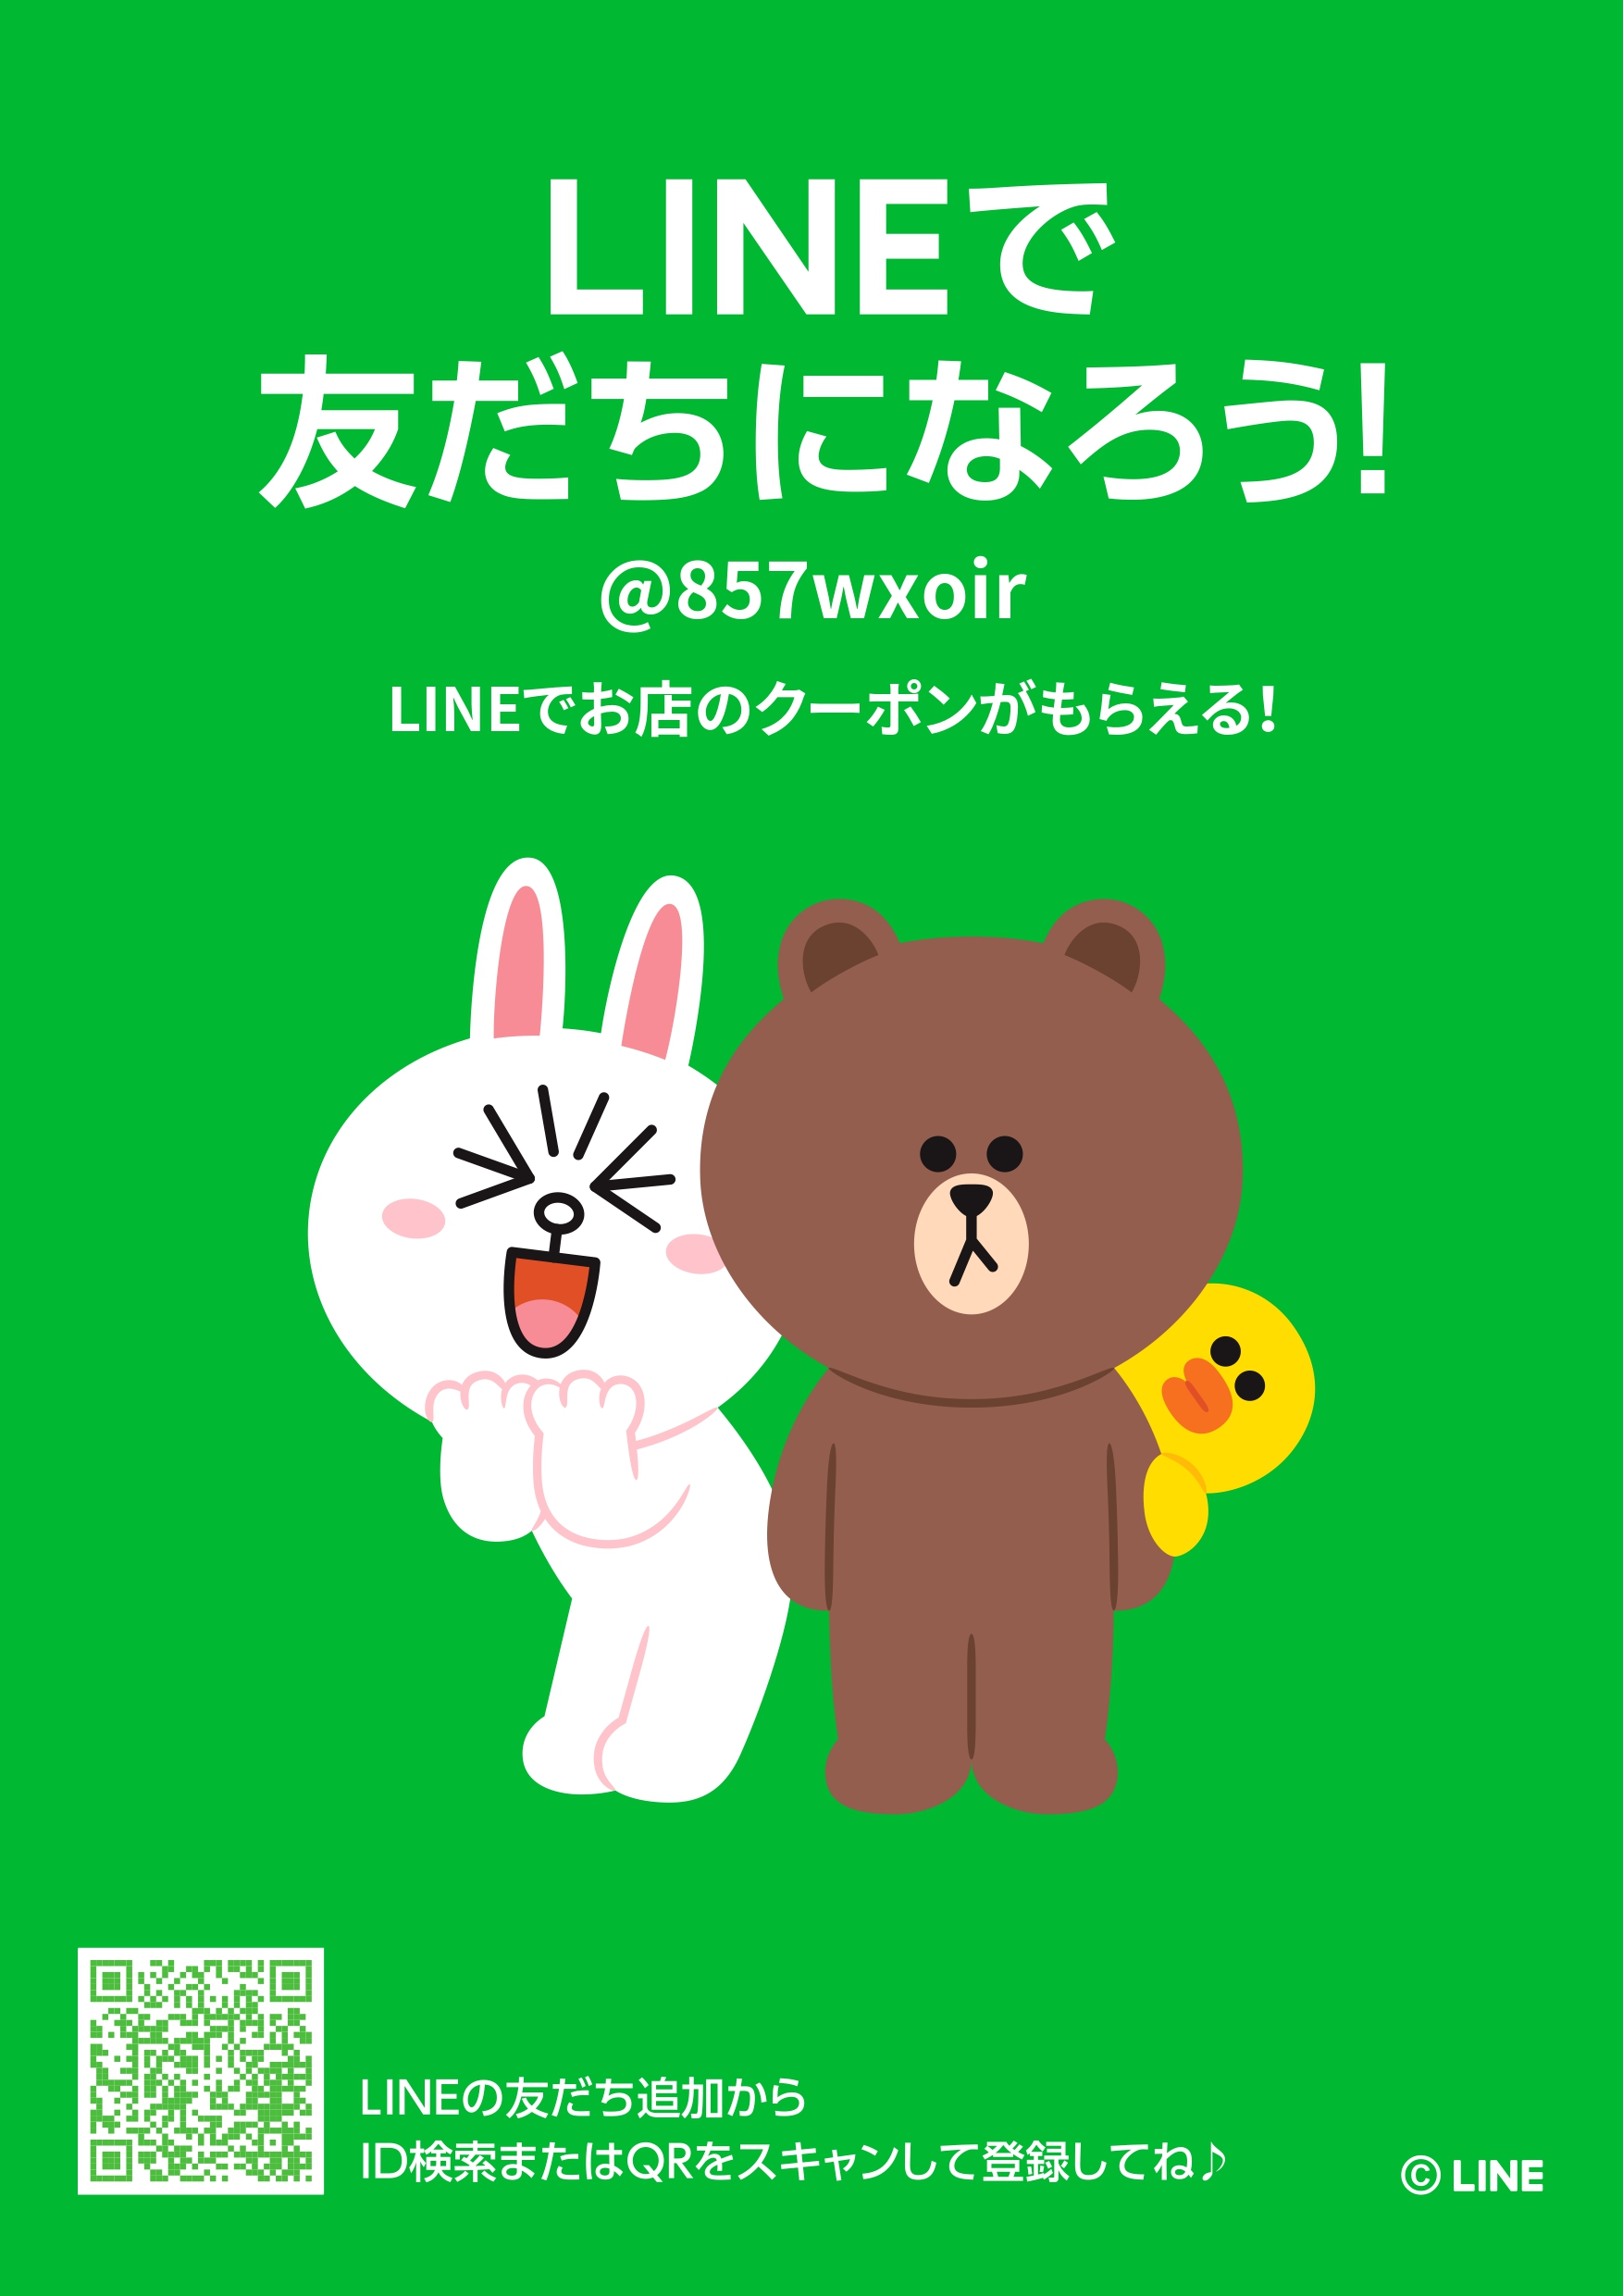 コミックバスター勝田店LINE友だち募集中